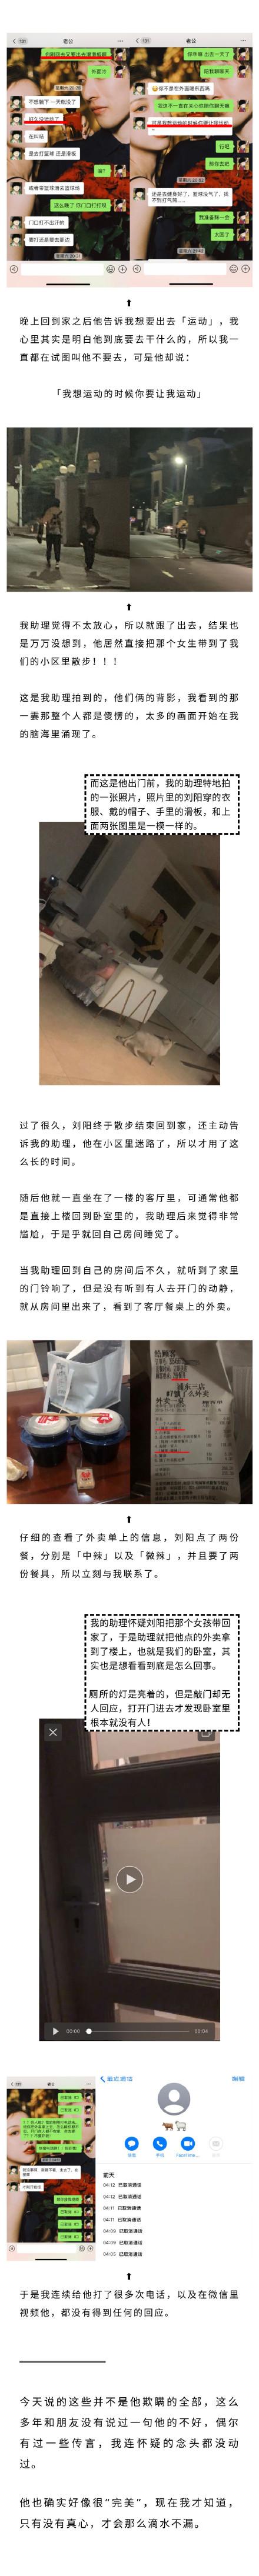 半藏森林道歉!承认自己插足是第三者 半藏森林整容前后对比照(图)阿沁刘阳分手事件梳理(5)